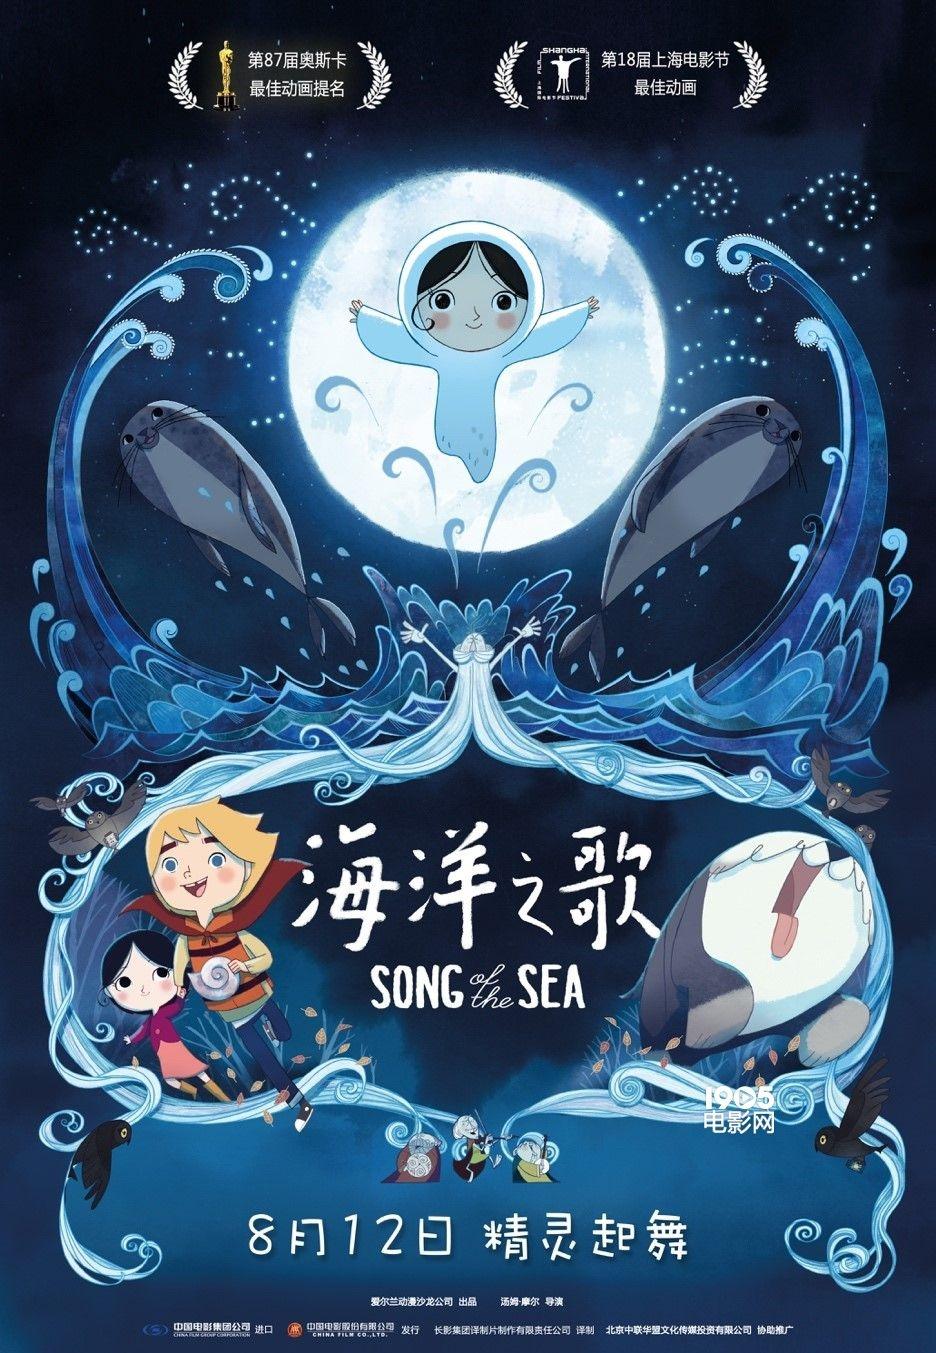 海洋之歌 定档8.12 有望再创暑期档动画传奇